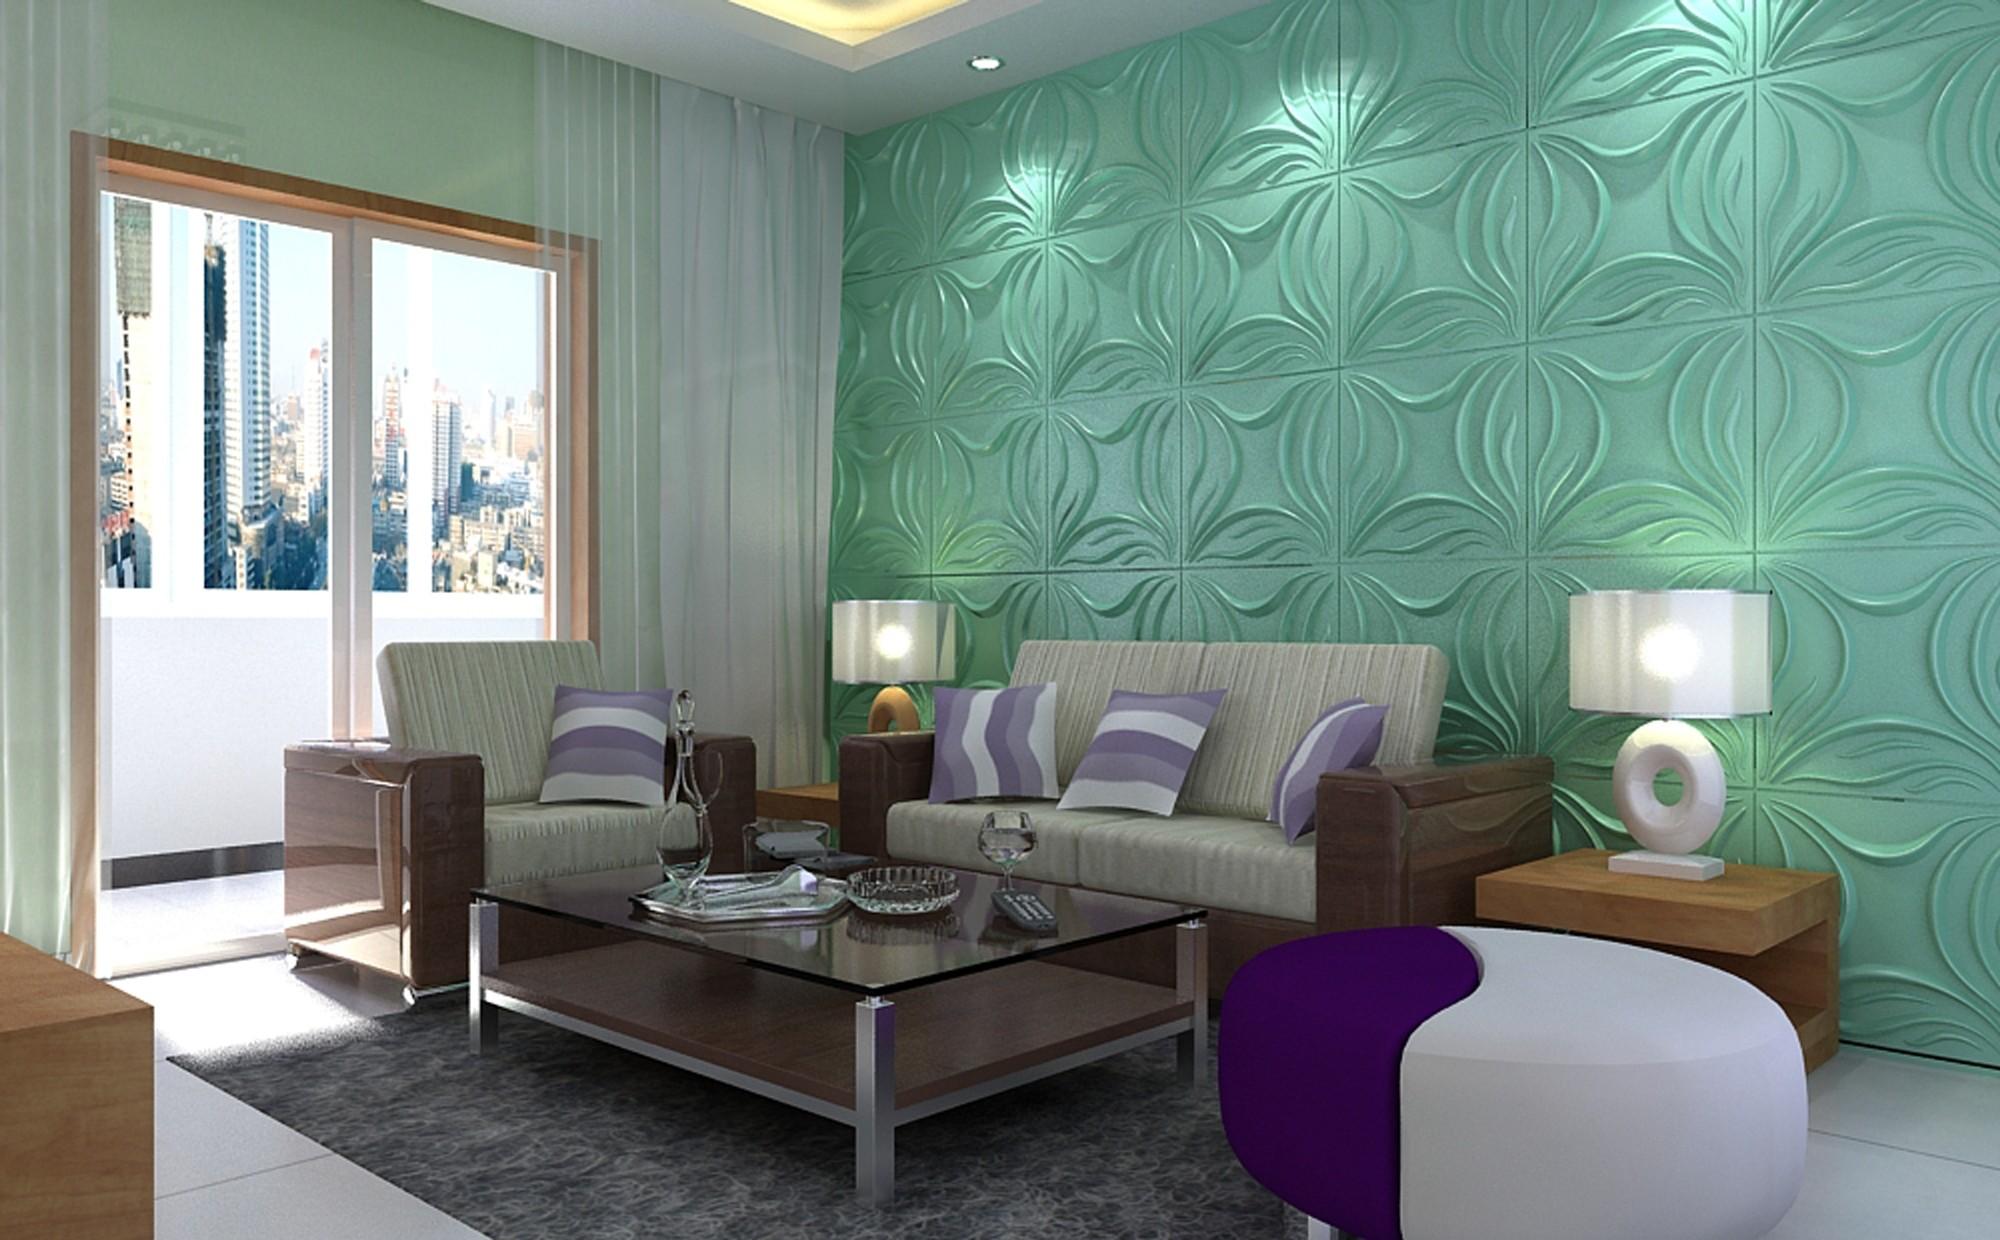 5 m2 paneele 3d platten deckenplatten wandplatten 3d wanddekor 50x50cm mavis sparpakete 3d. Black Bedroom Furniture Sets. Home Design Ideas